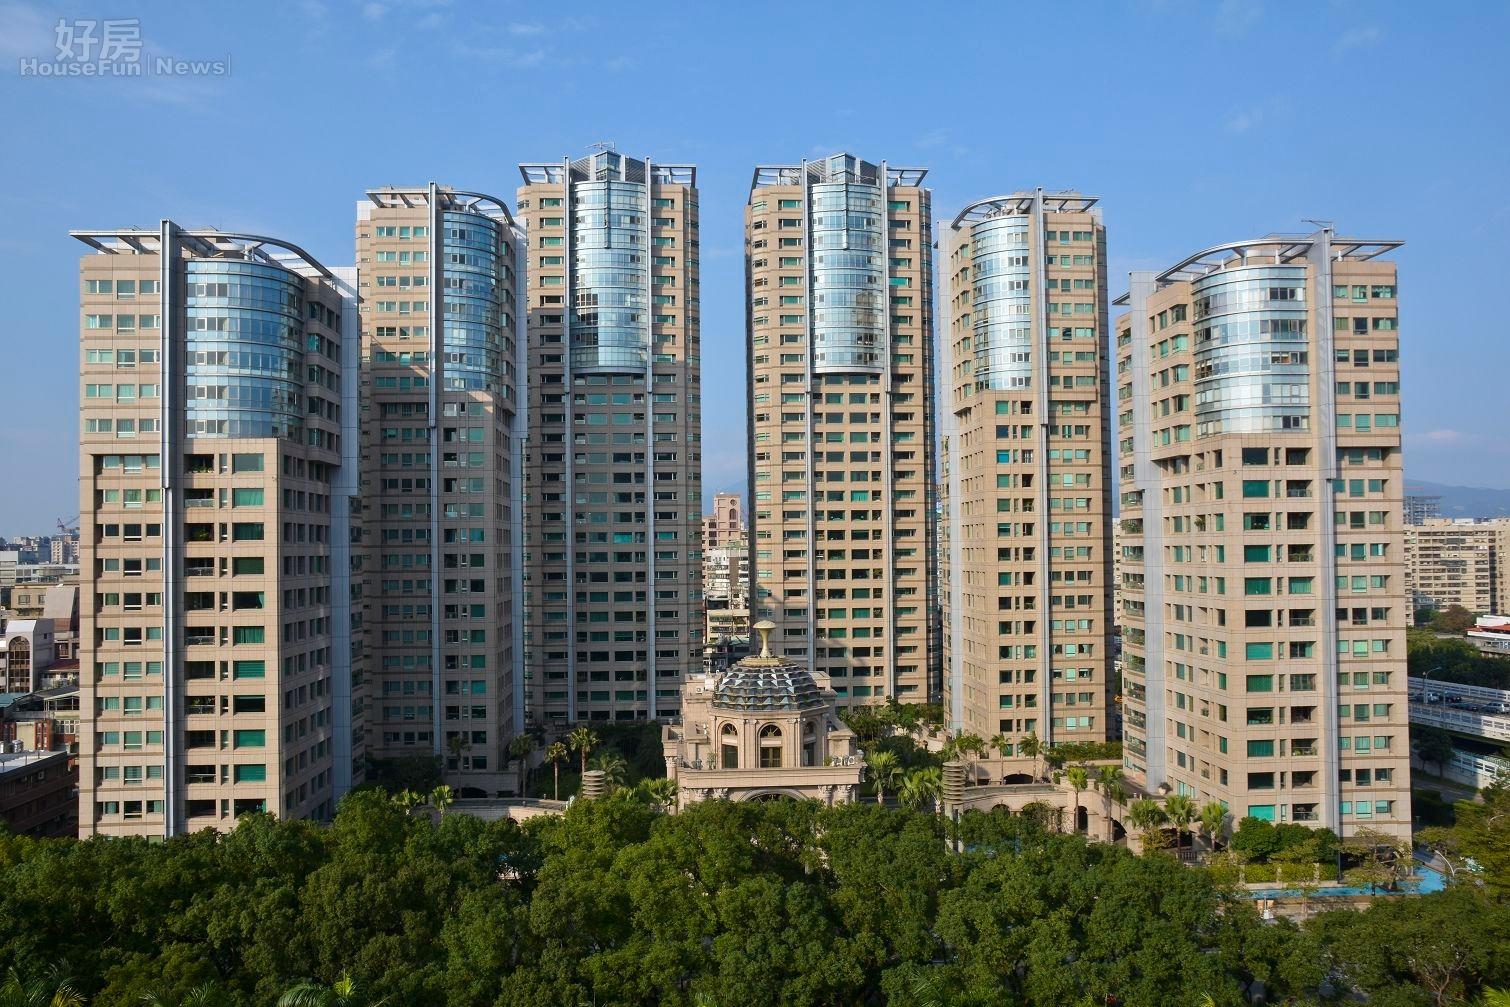 北市頂級豪宅,仁愛帝寶空拍圖,俯瞰圖。(好房News記者 陳韋帆/攝影)